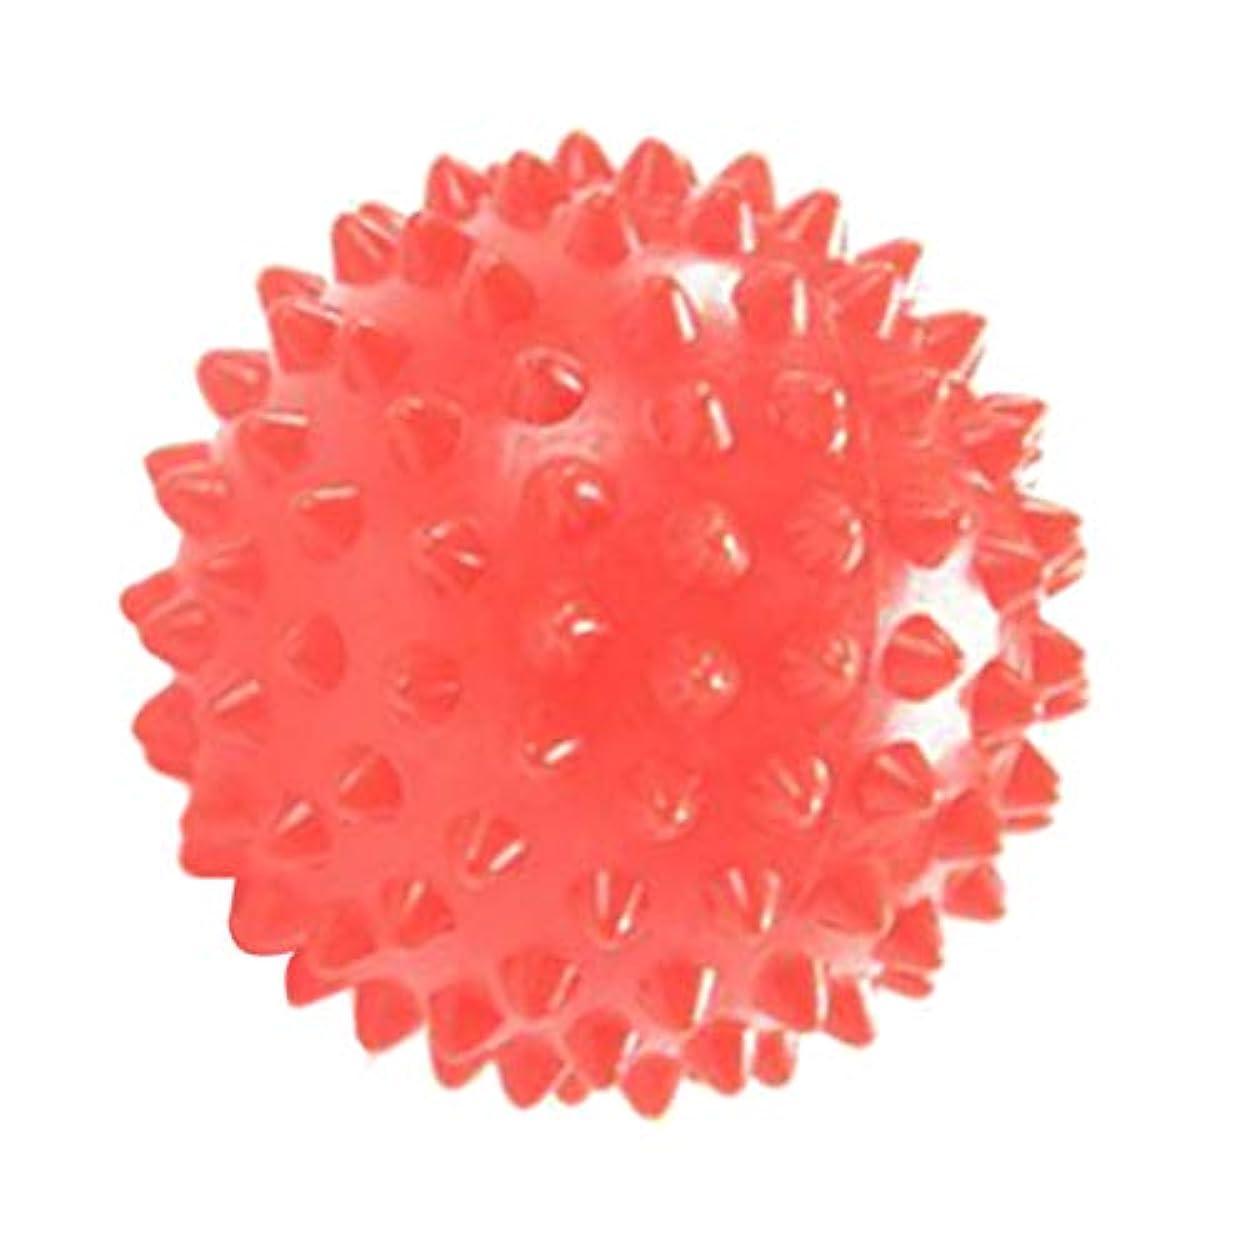 バリアすばらしいです社員dailymall マッサージボール 触覚ボール リフレクションボール 指圧ボール ツボ押し 筋膜リリースヨガ 7cm